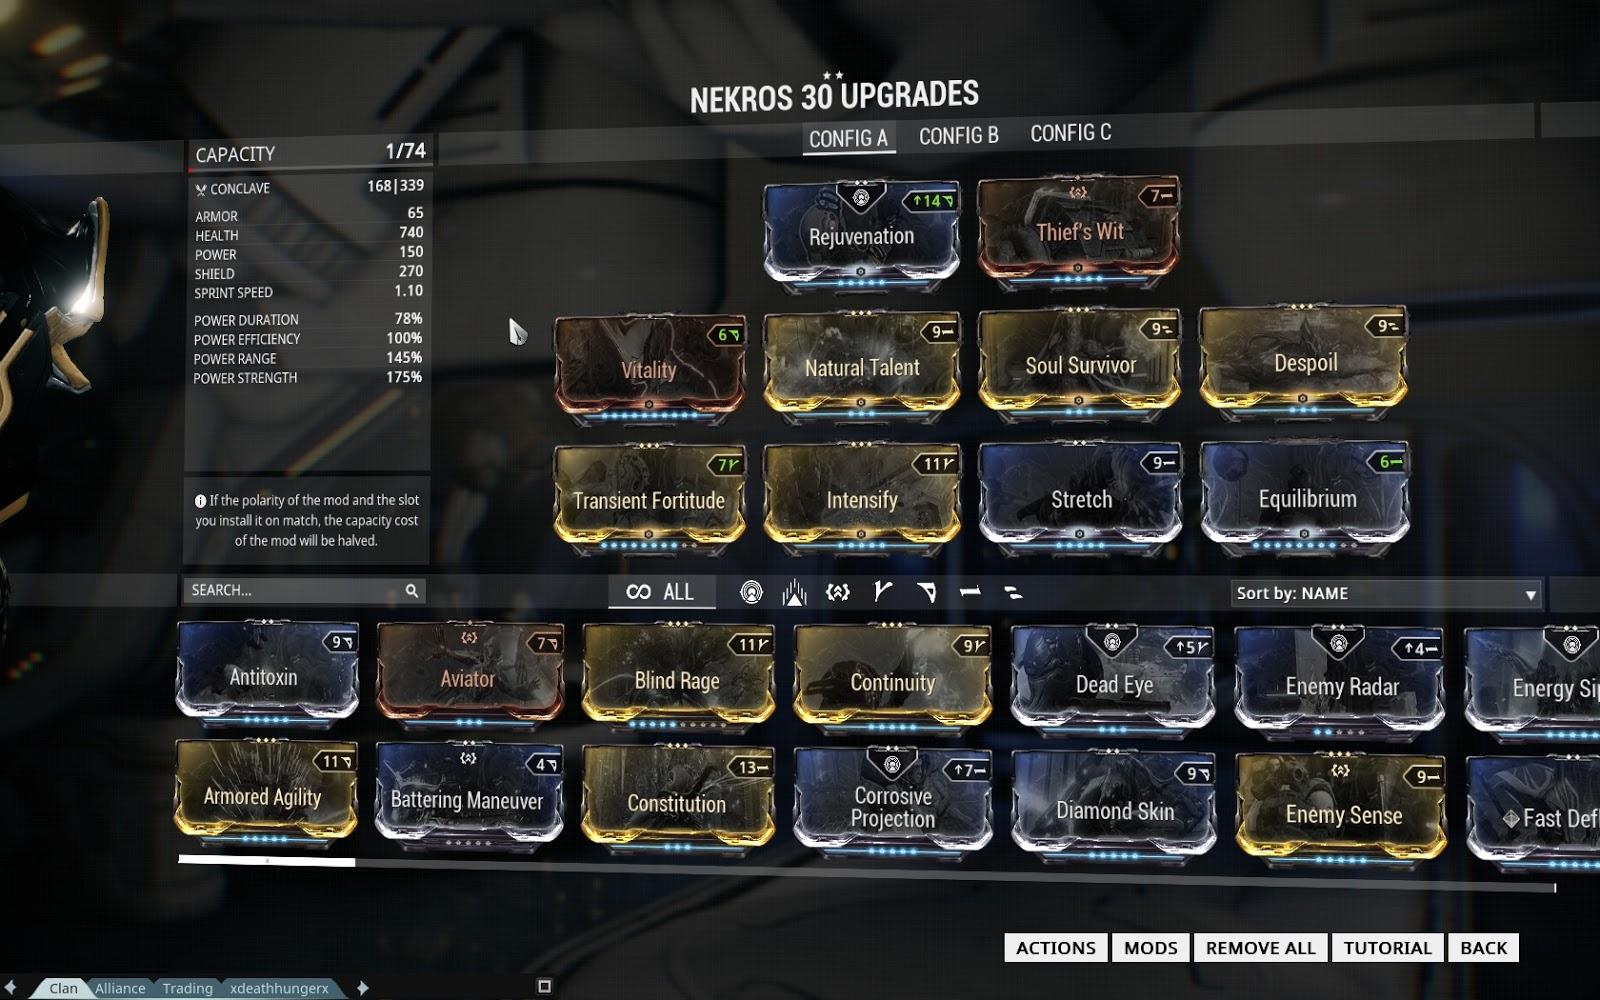 Best Nekros Build